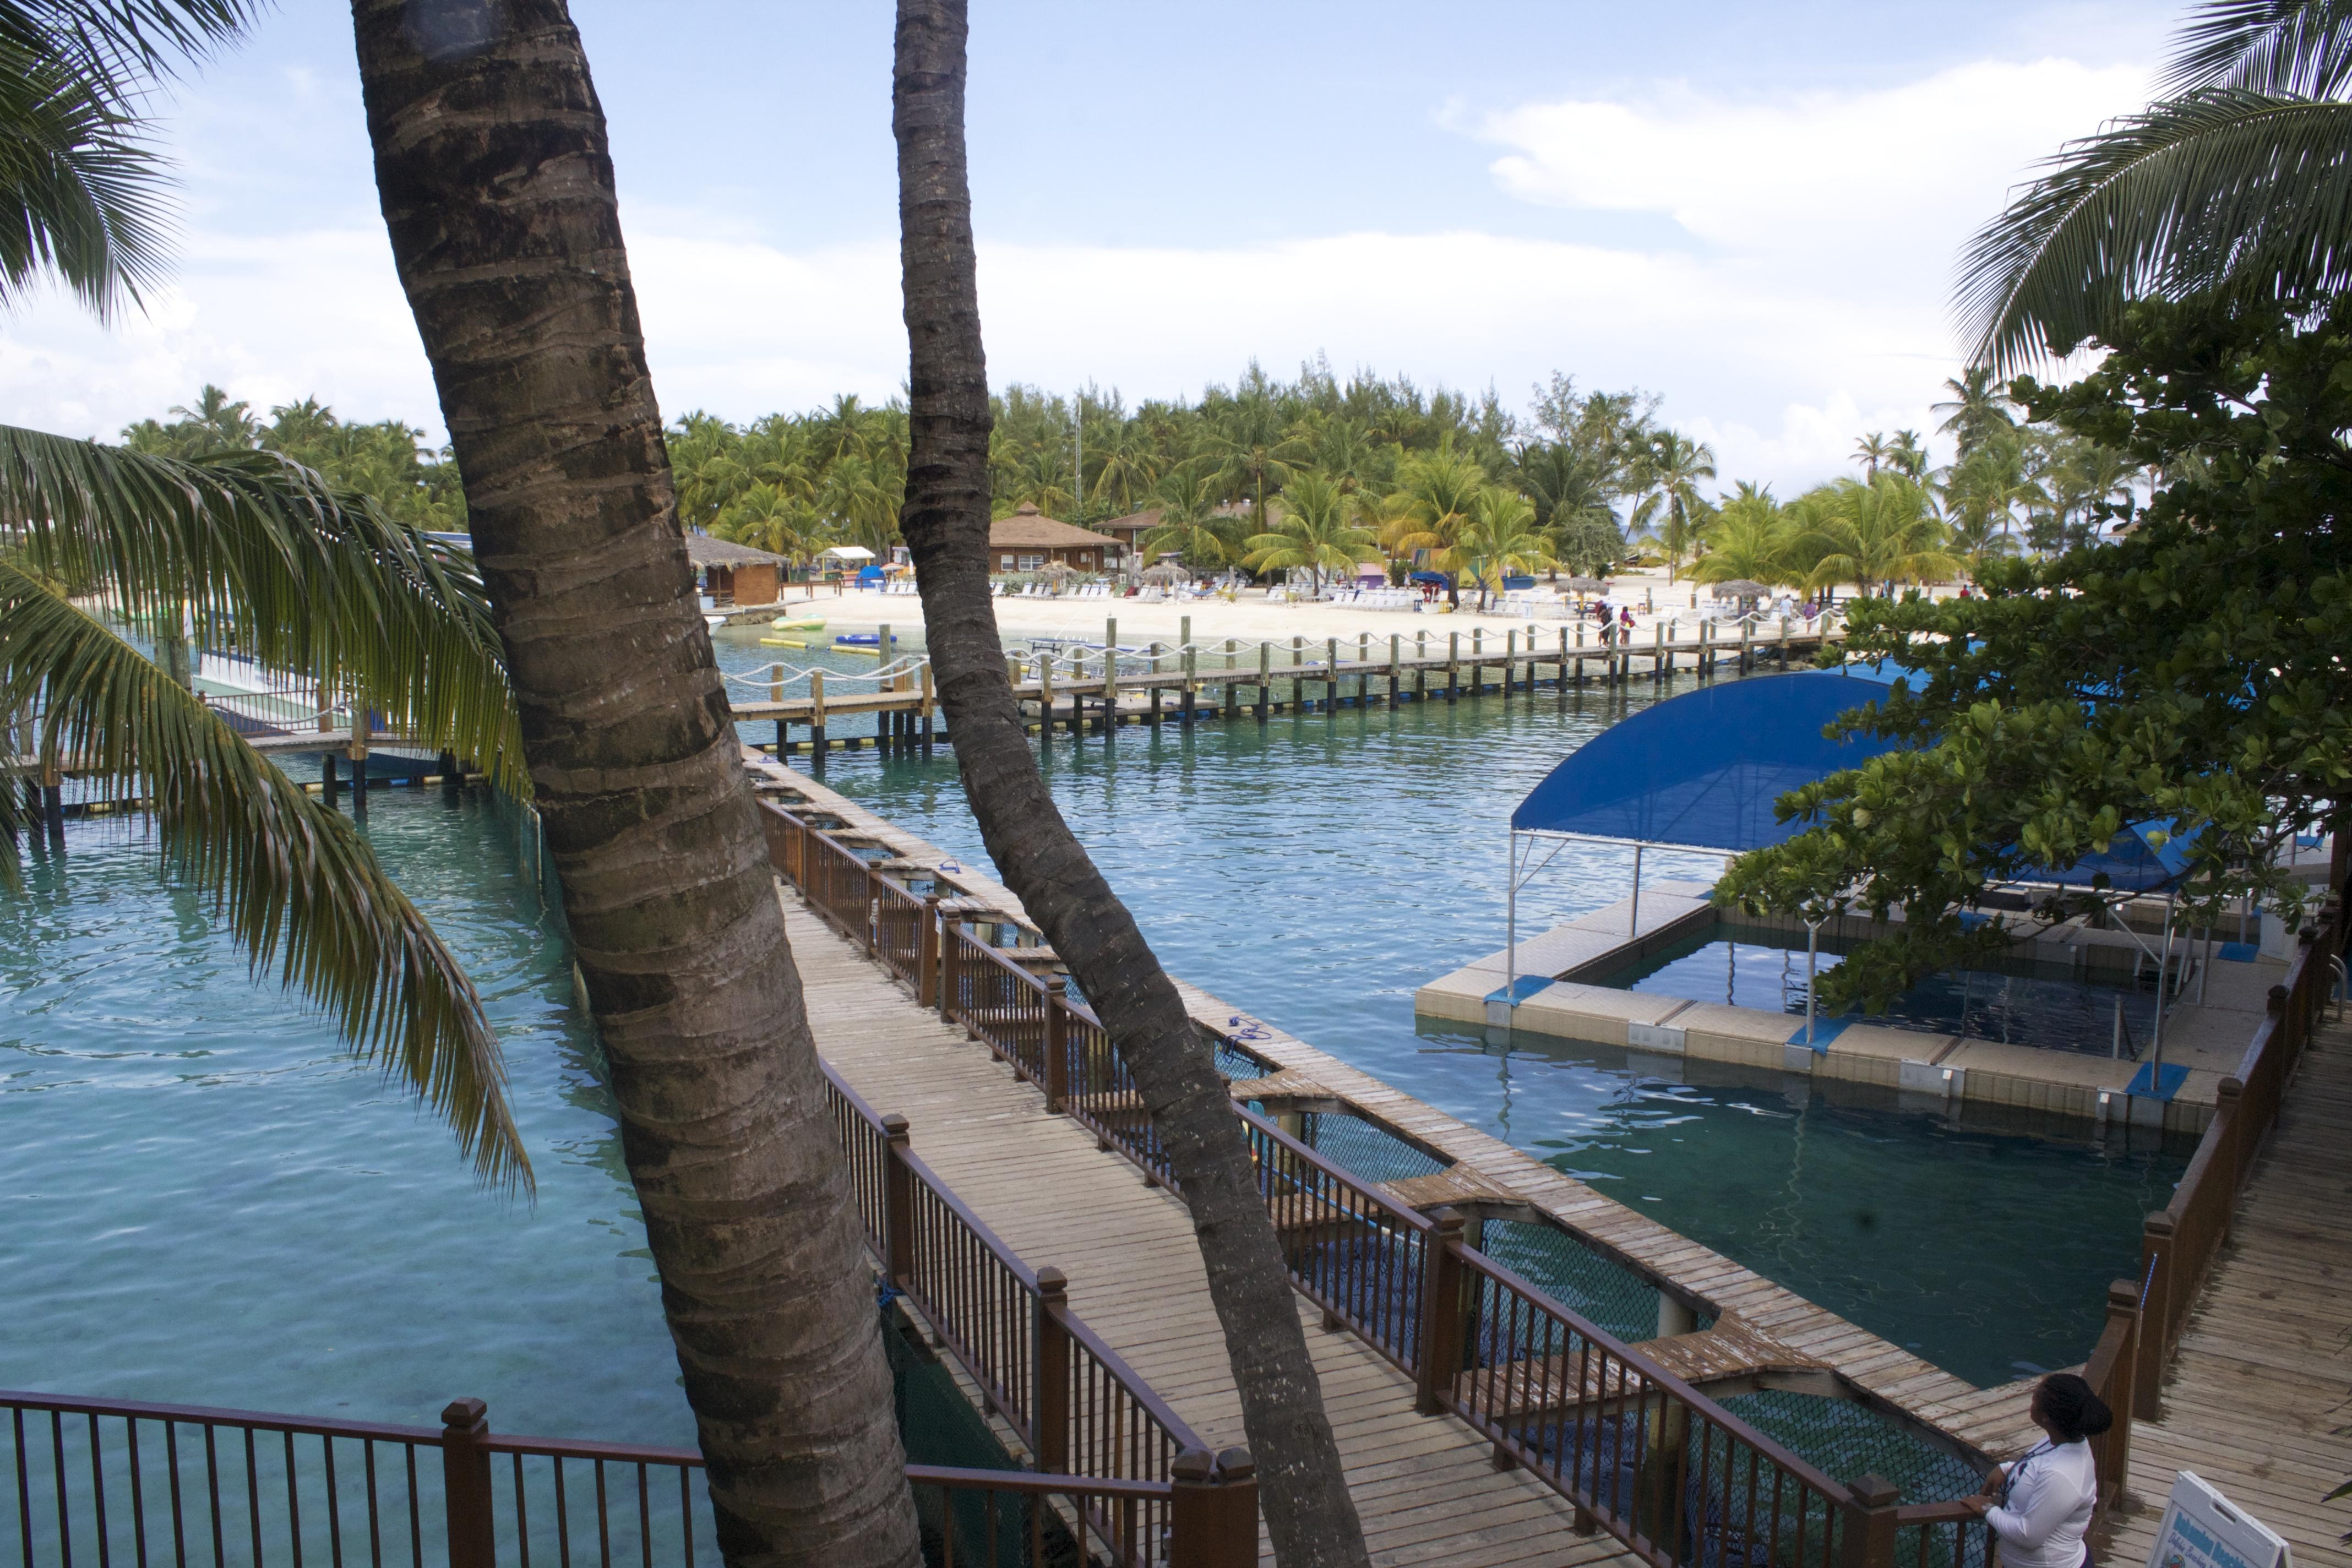 blue lagoon island-nassau bahamas island